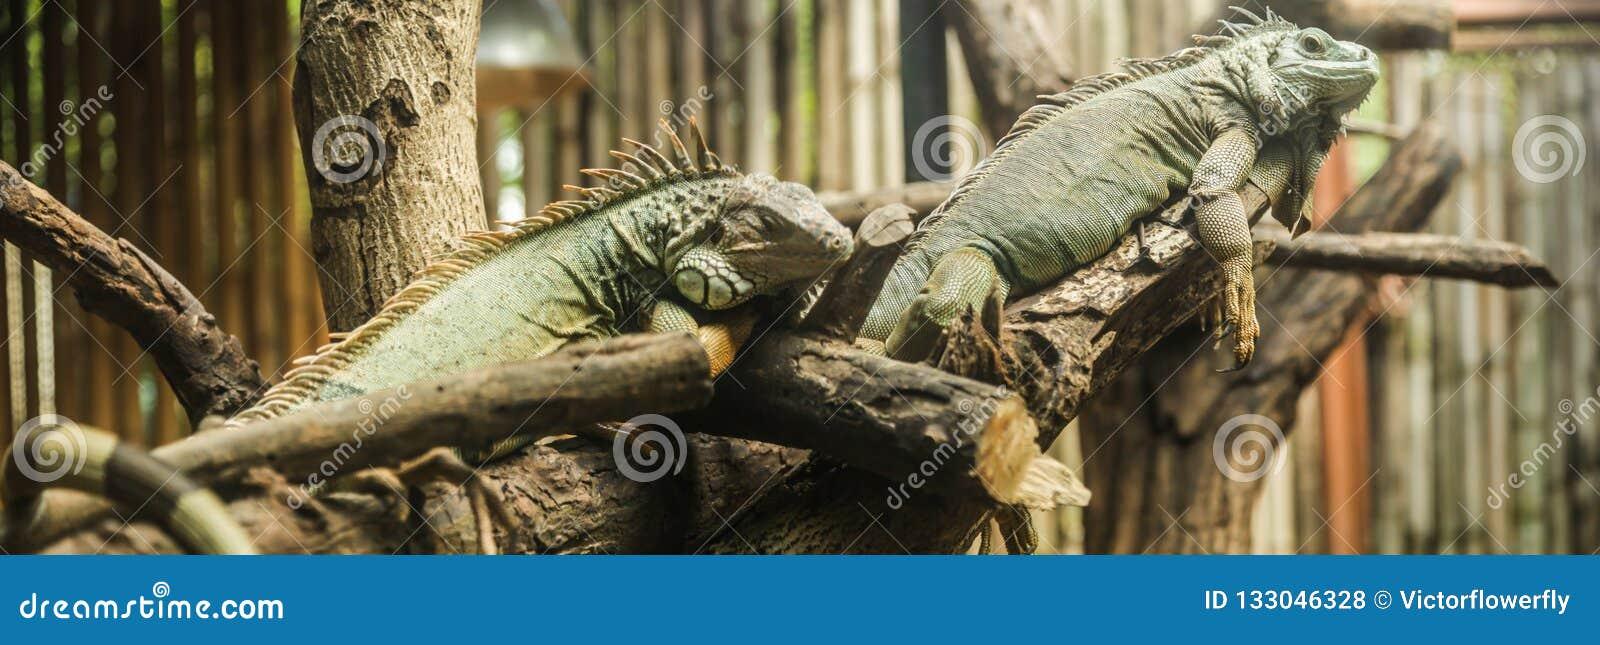 绿色鬣鳞蜥鬣鳞蜥鬣鳞蜥,亦称美国鬣鳞蜥,是大,树木,蜥蜴 找到在囚禁作为宠物由于它